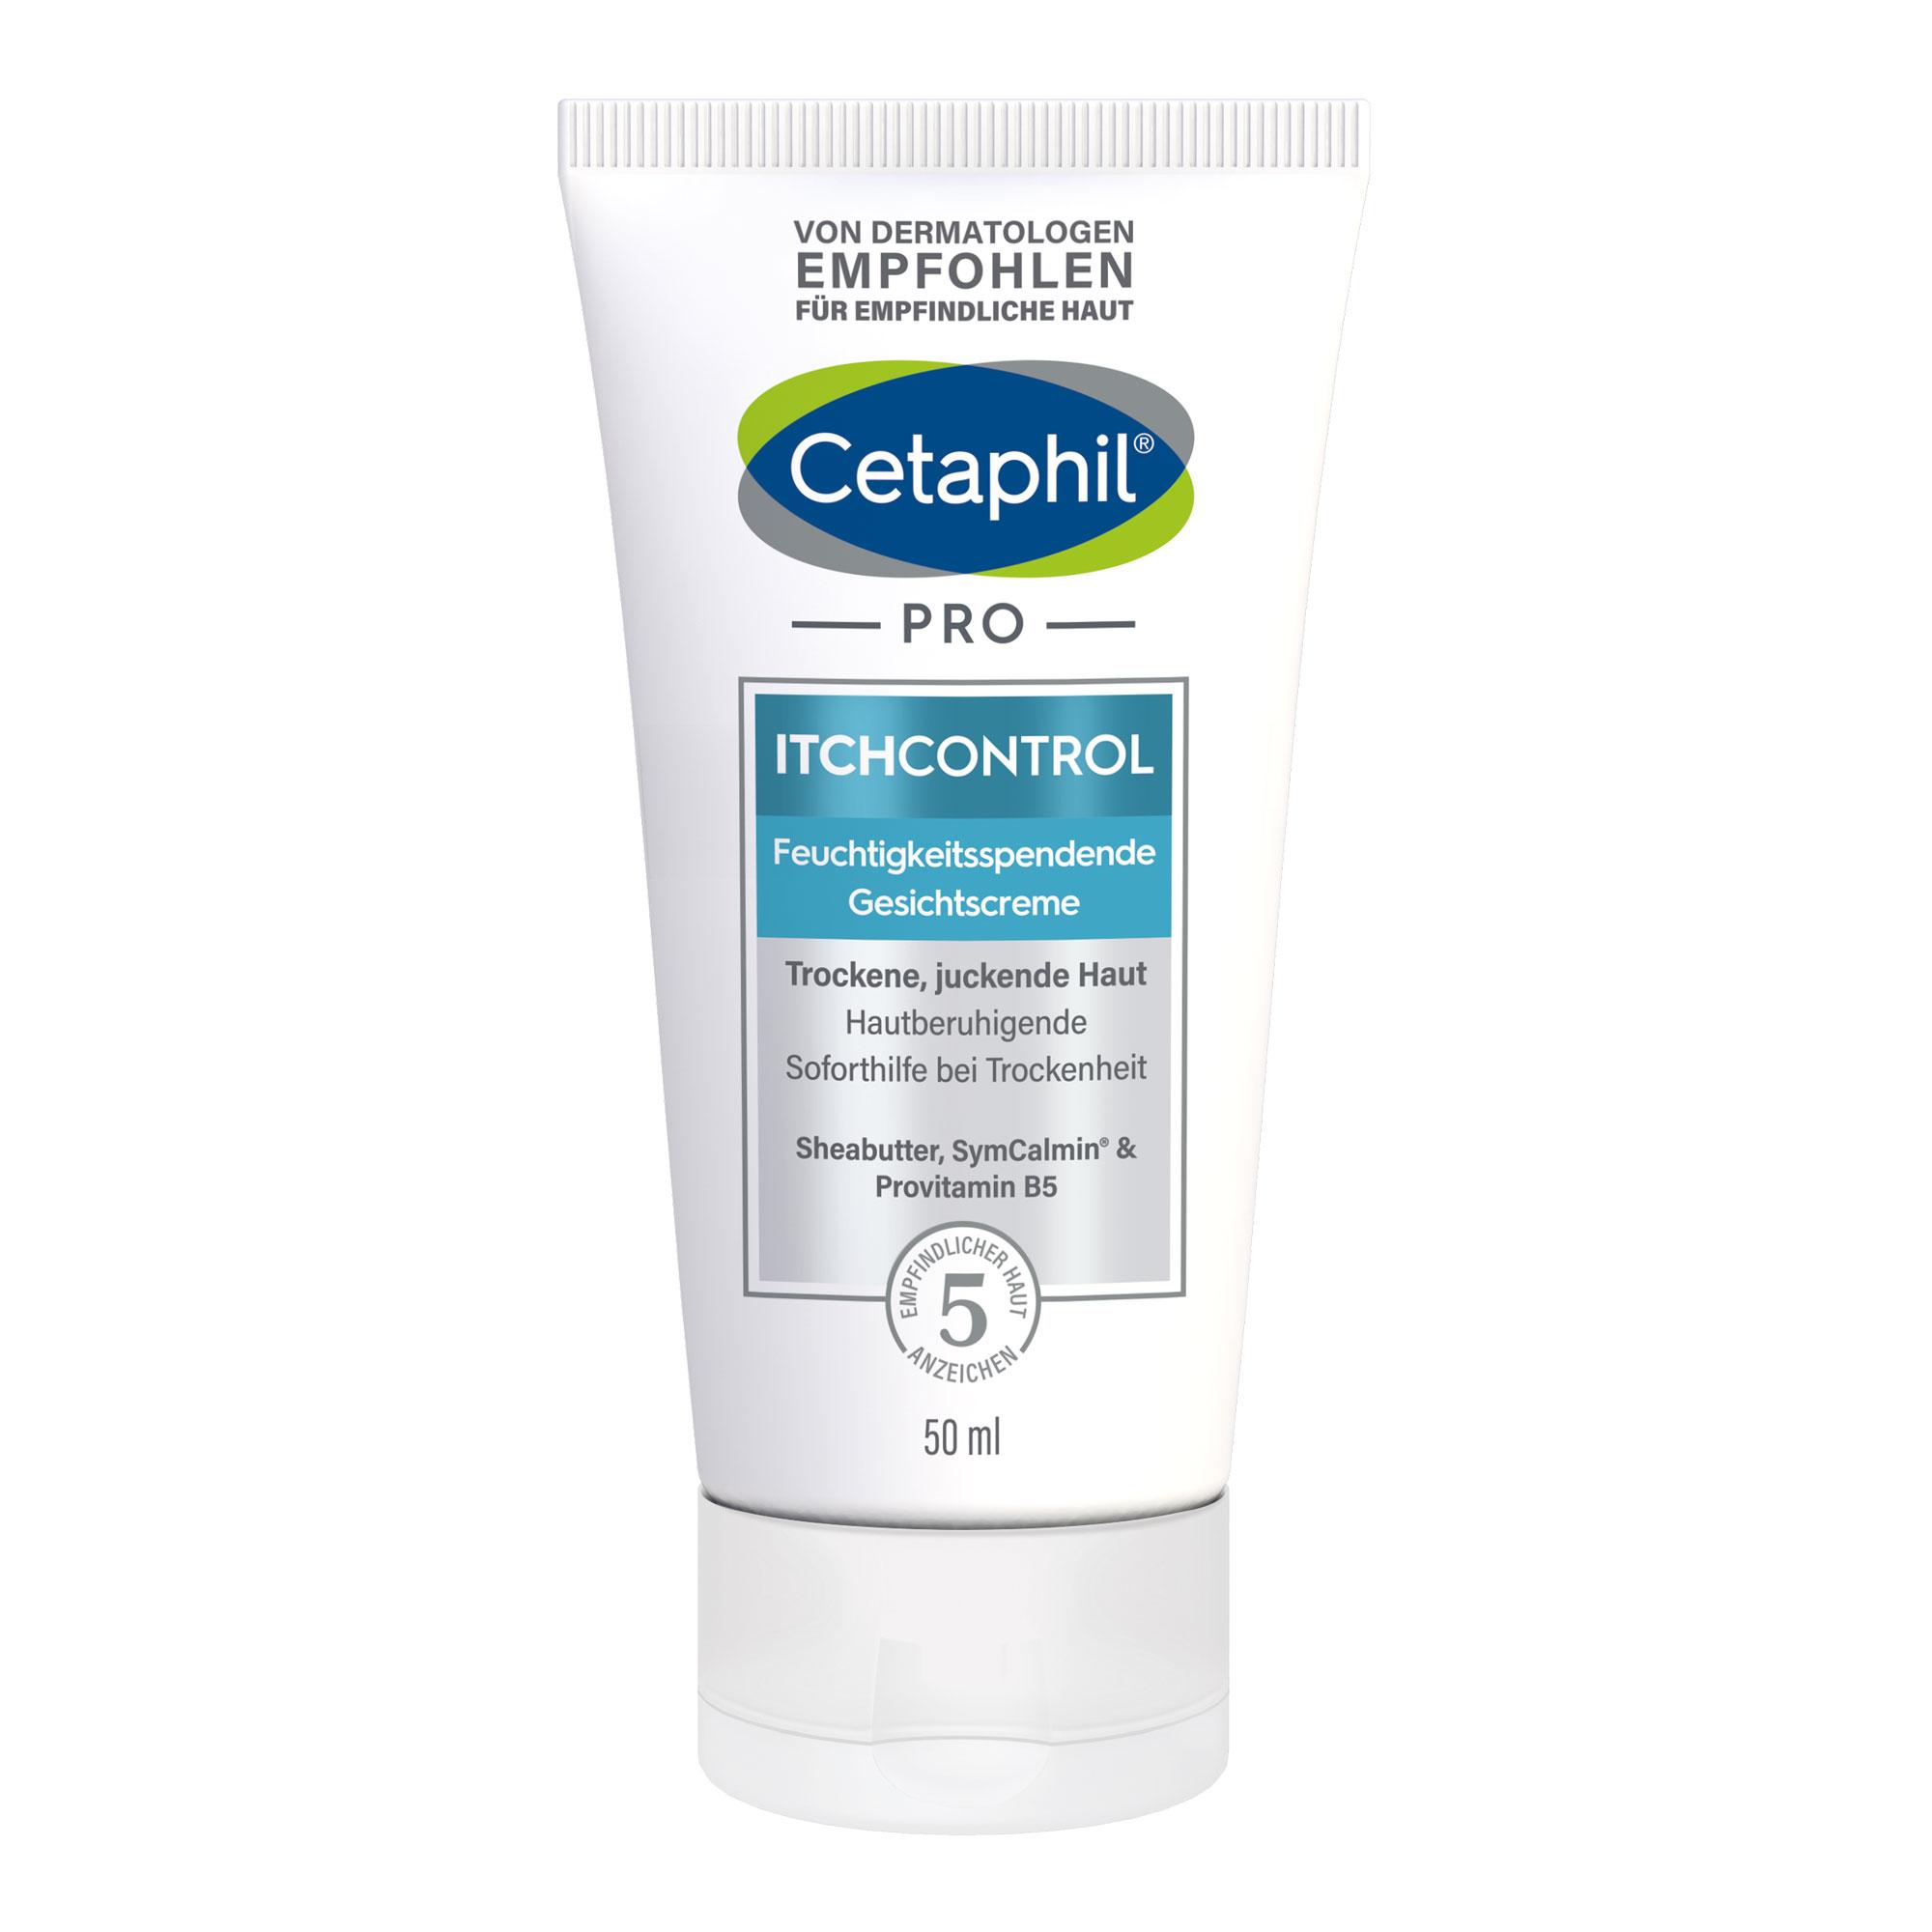 Cetaphil PRO Itch Control Feuchtigkeitssp. Gesichtscreme